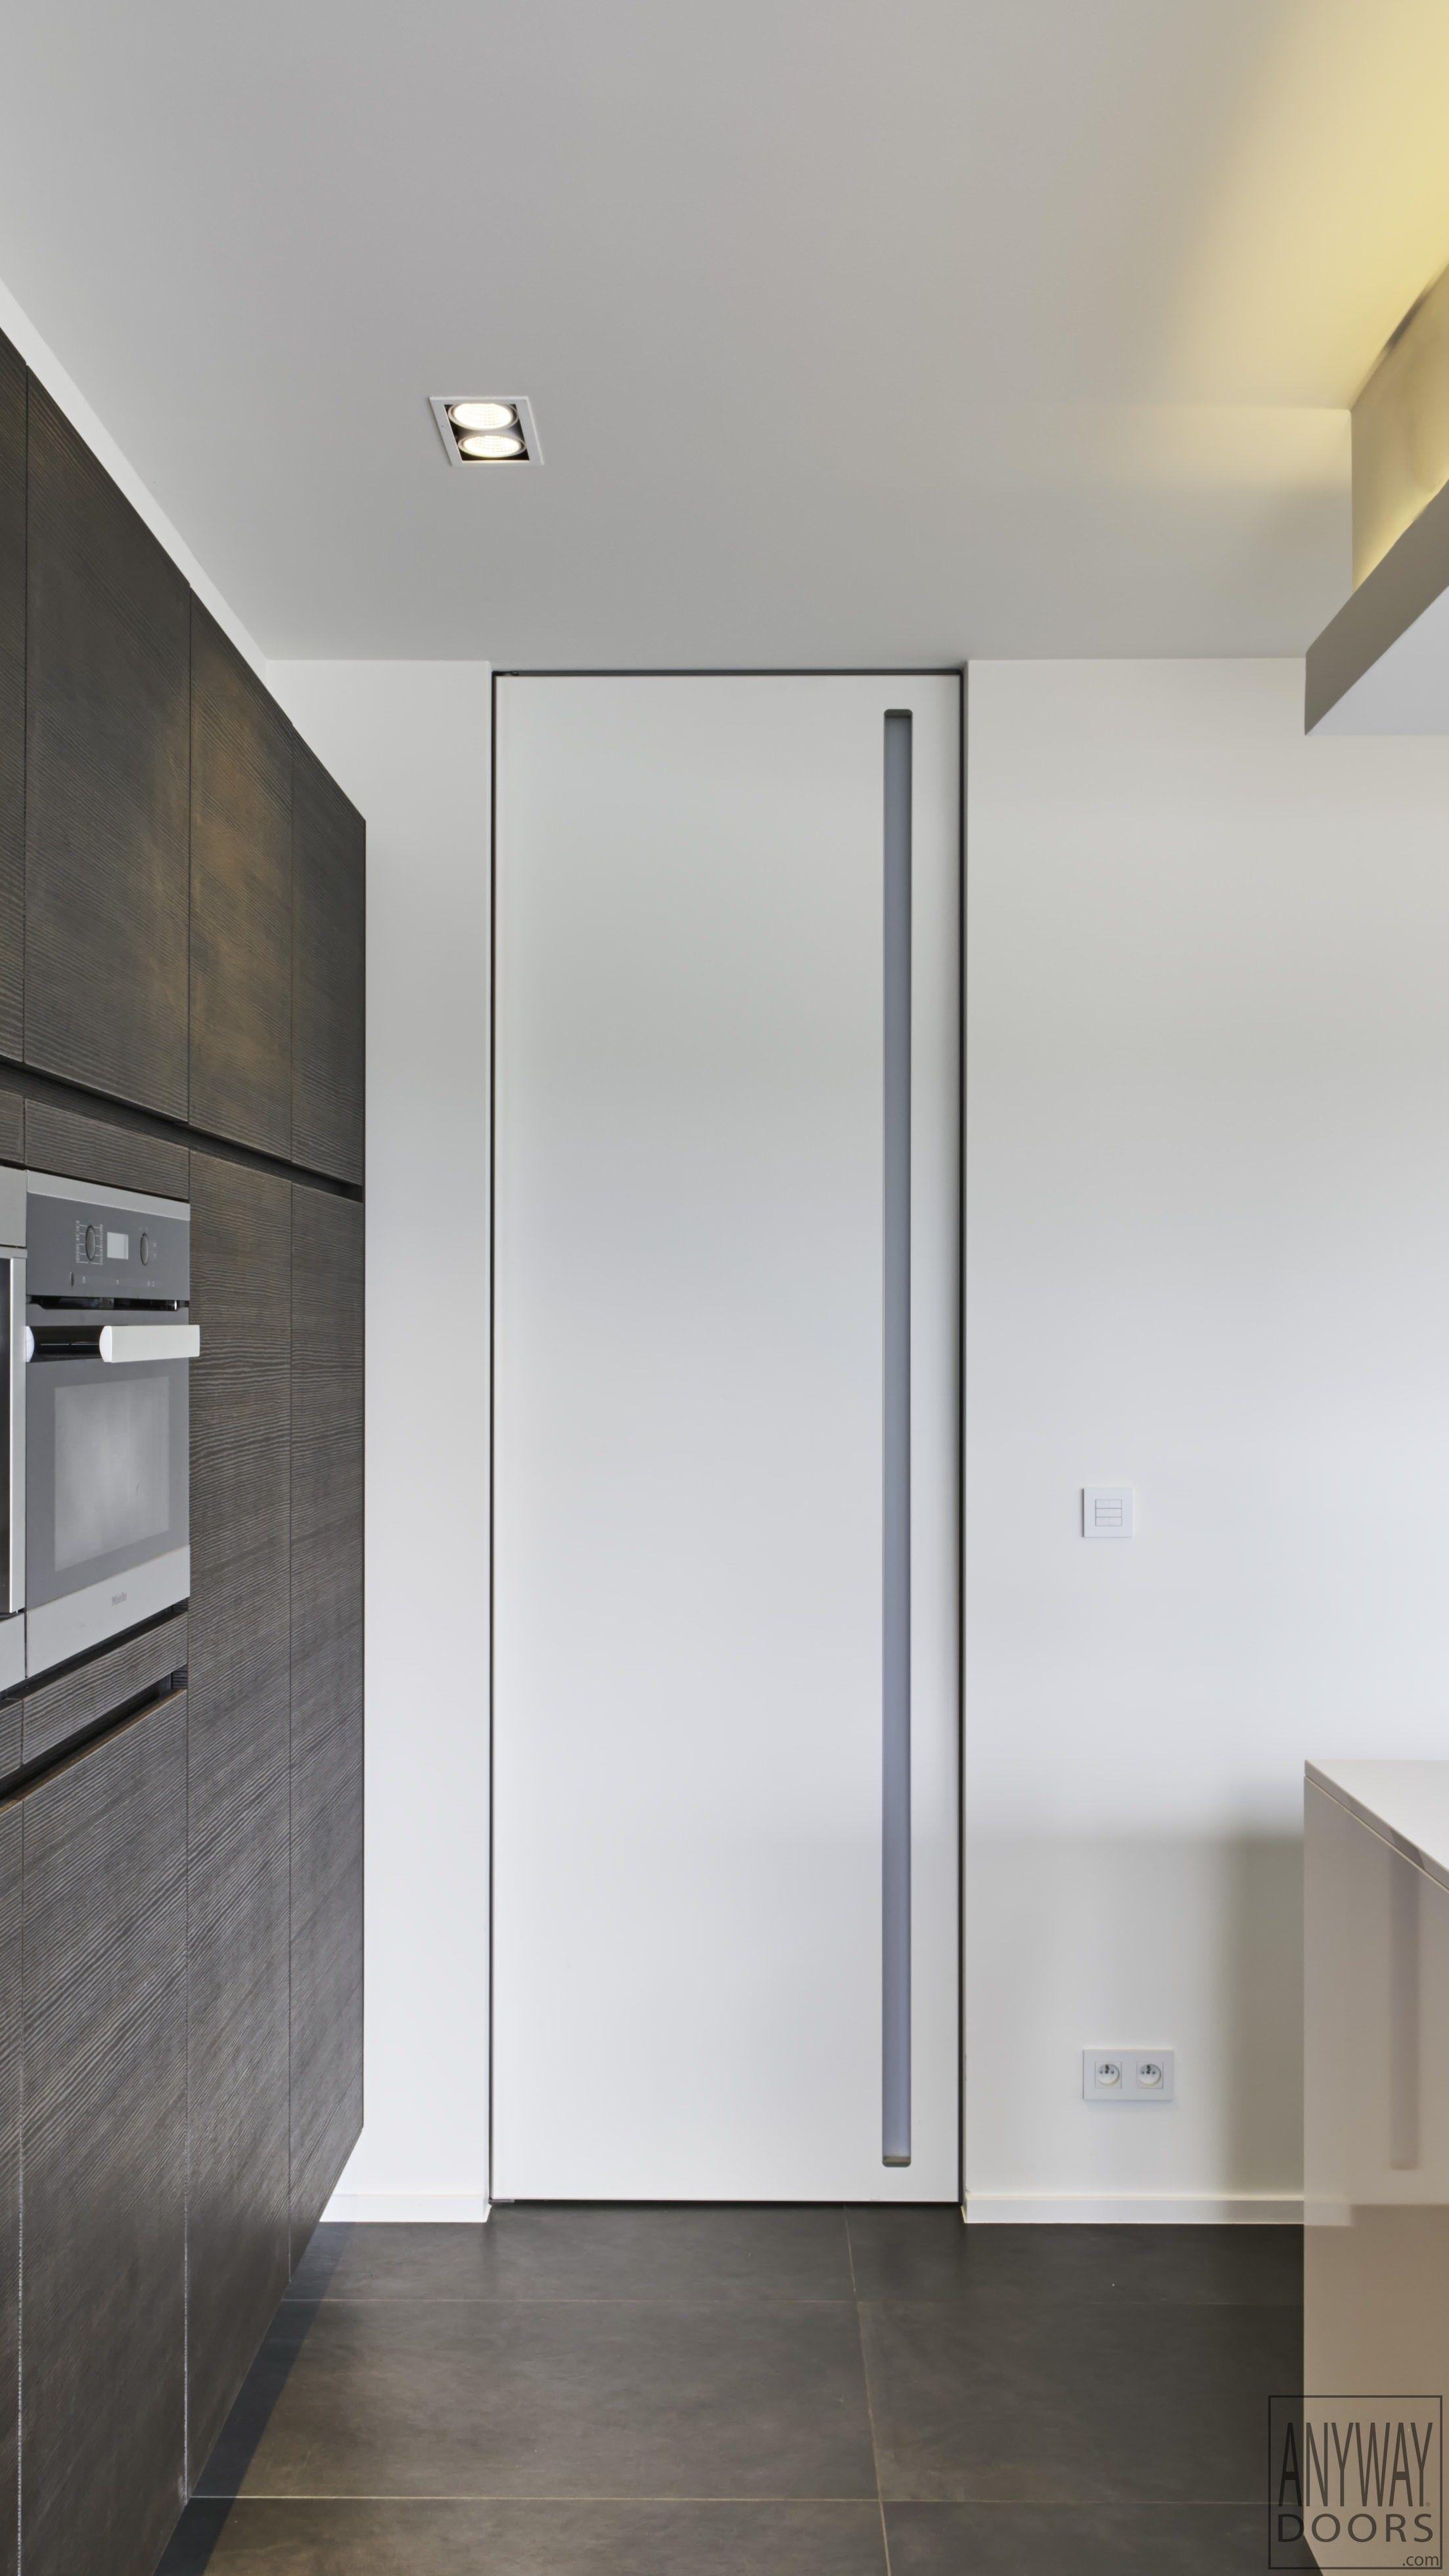 Modern Interior Door With Invisible Door Frame   ANYWAYdoors